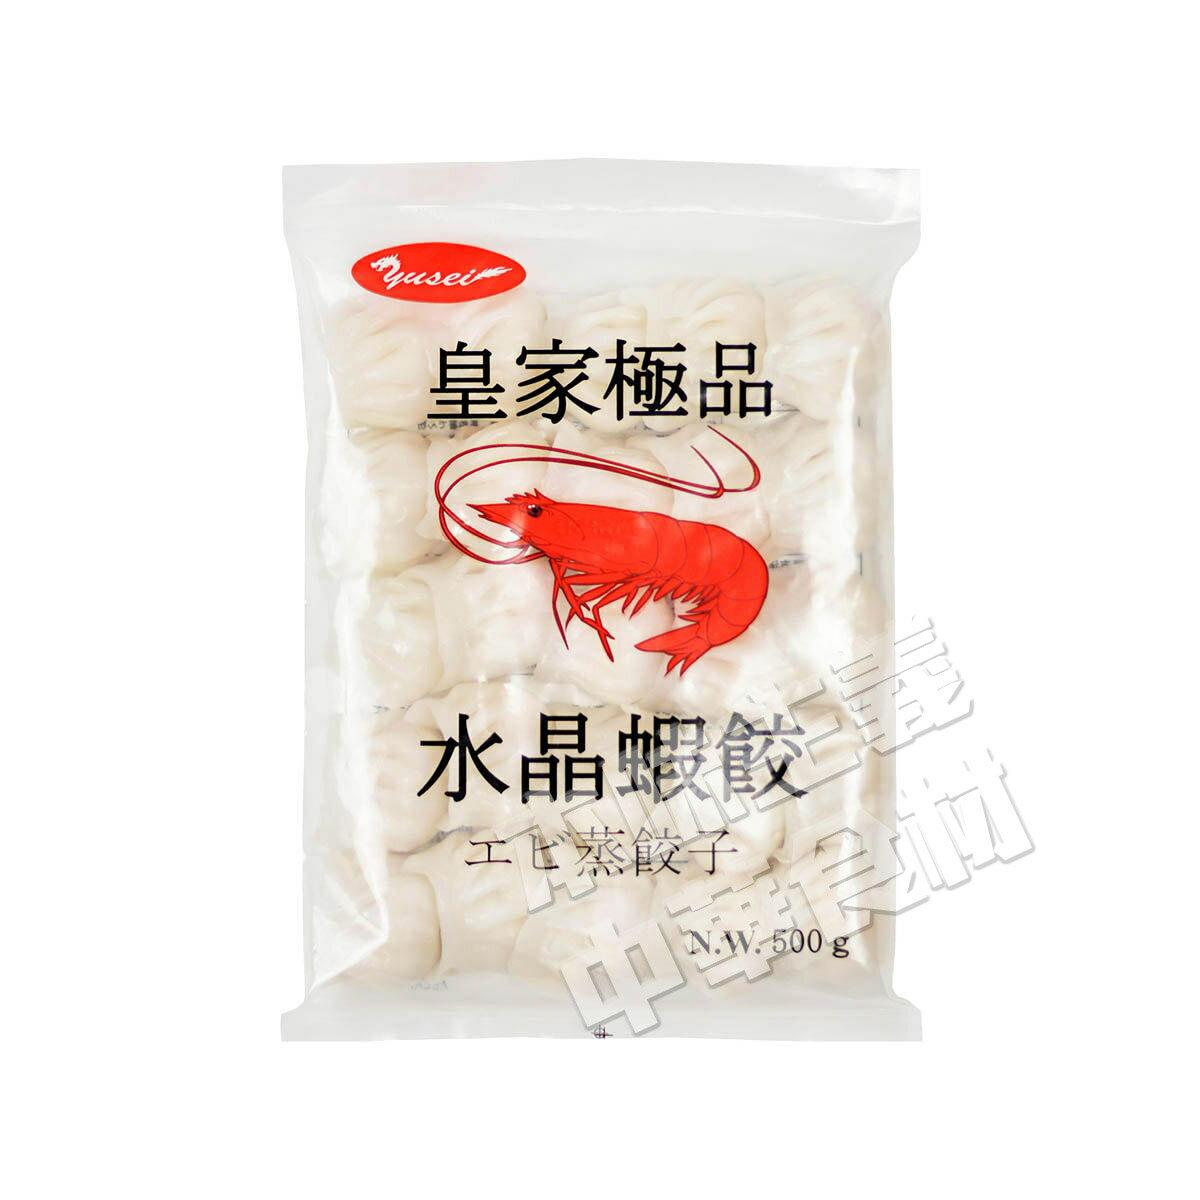 皇家極品水晶蝦餃(エビ蒸餃子)500g(25個入) 中華料理人気商品・蒸しえび餃子・蒸し餃子